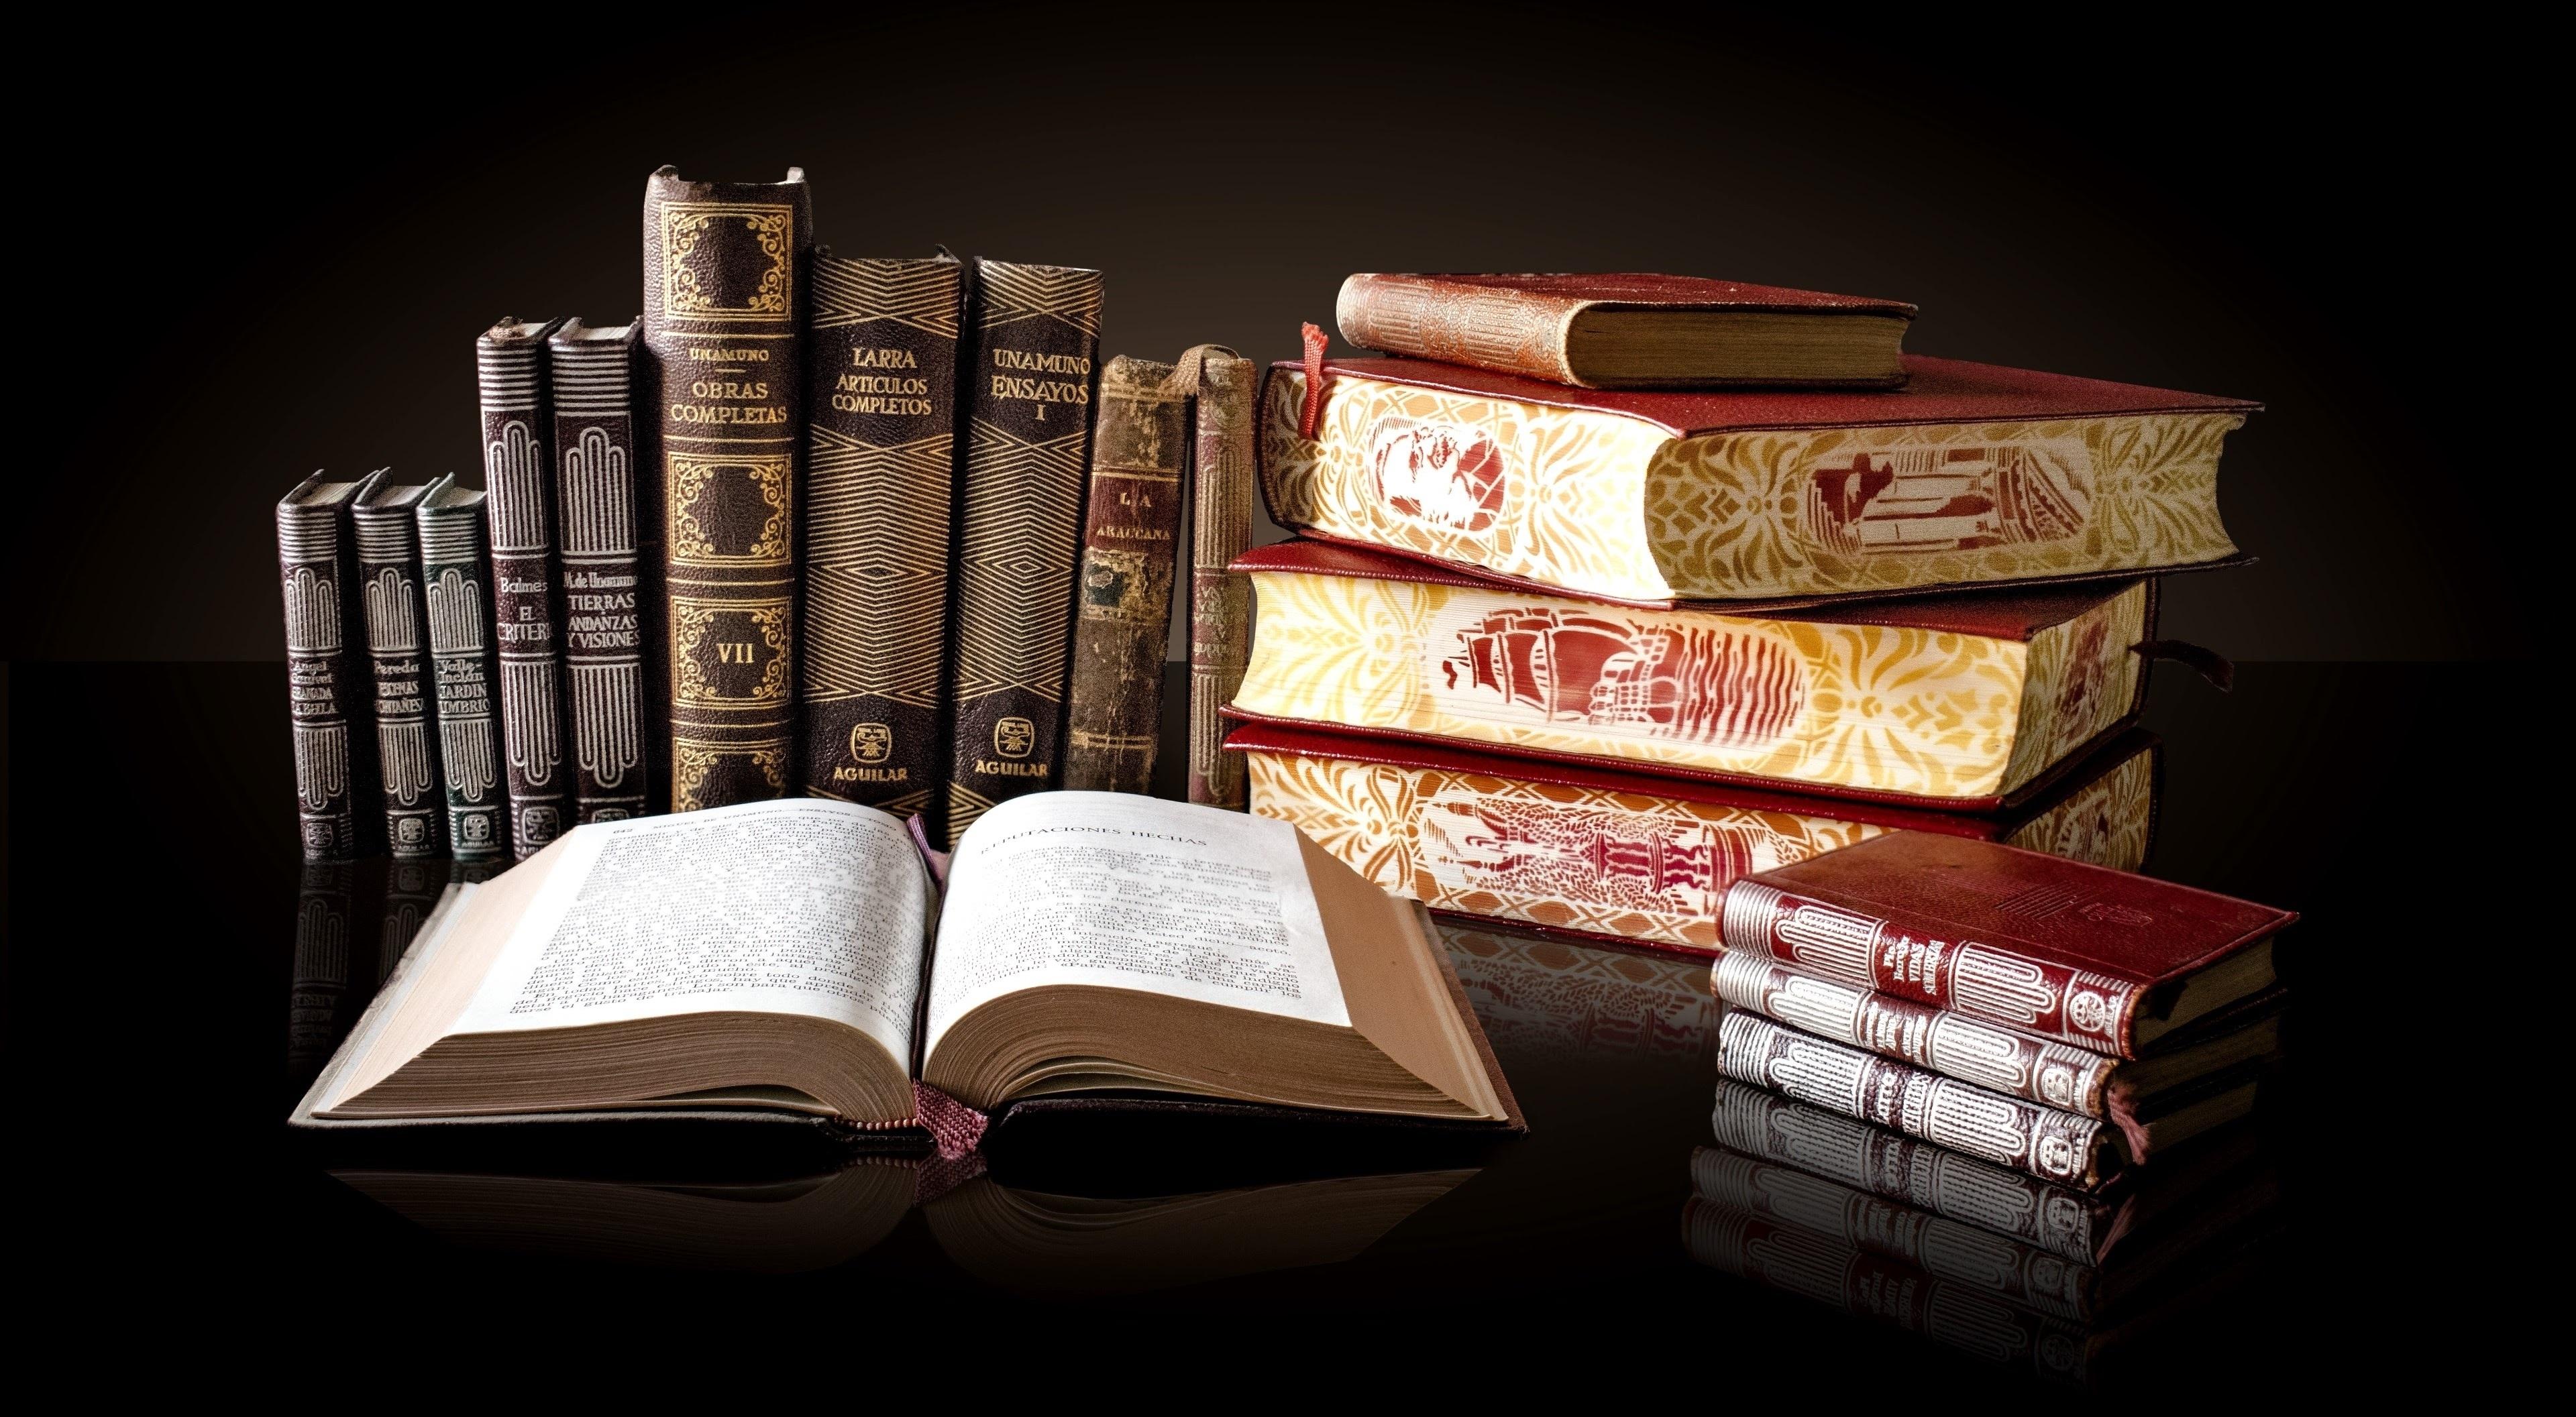 Oczytany poleca: Zapowiedzi książkowe na listopad i grudzień 2018